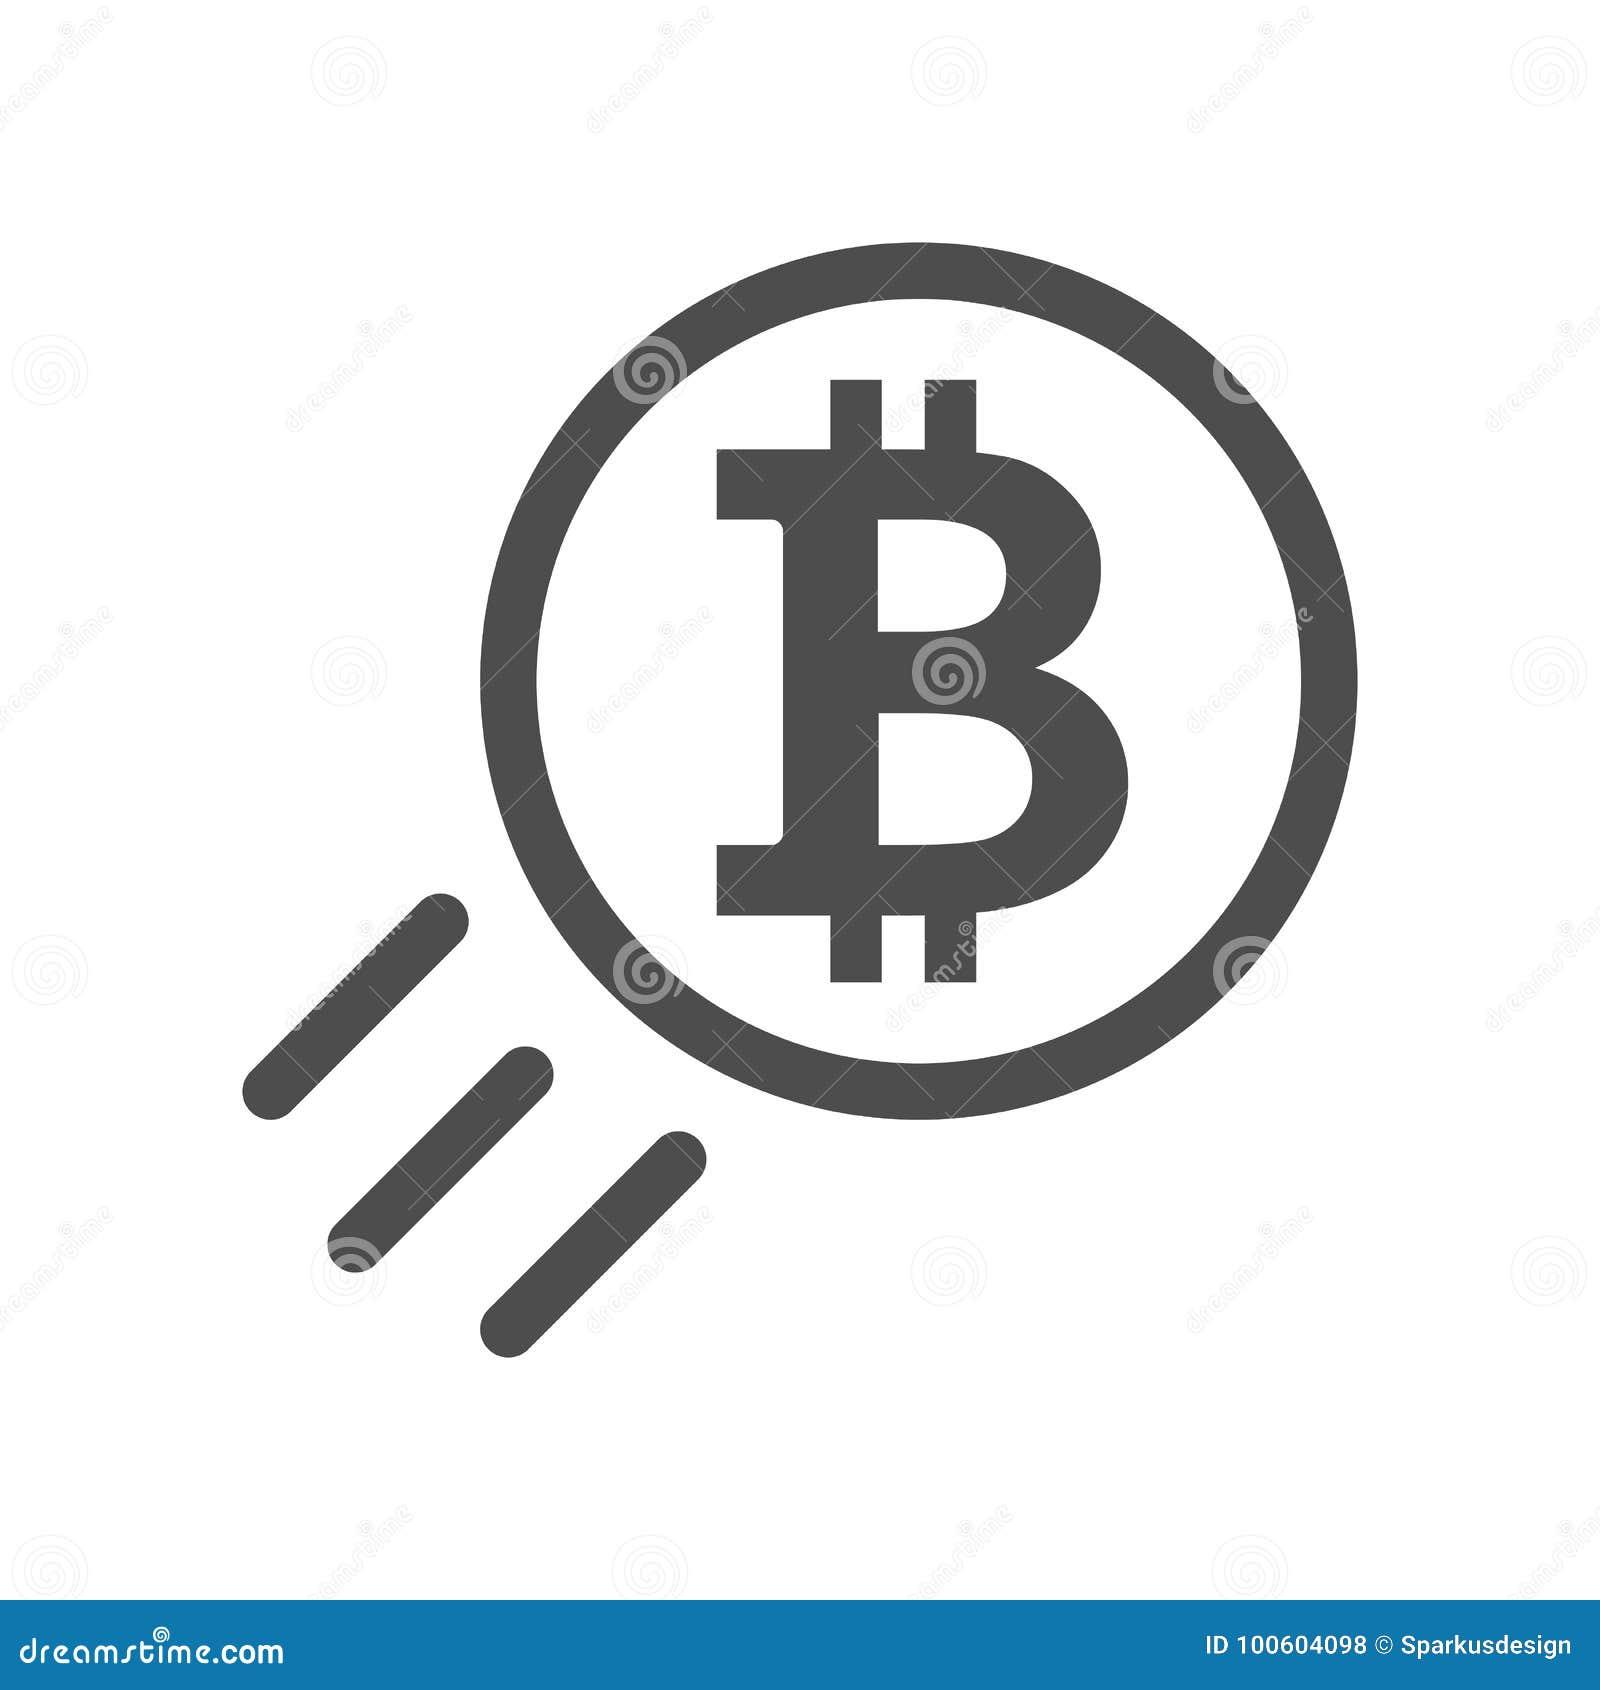 mobile coin price